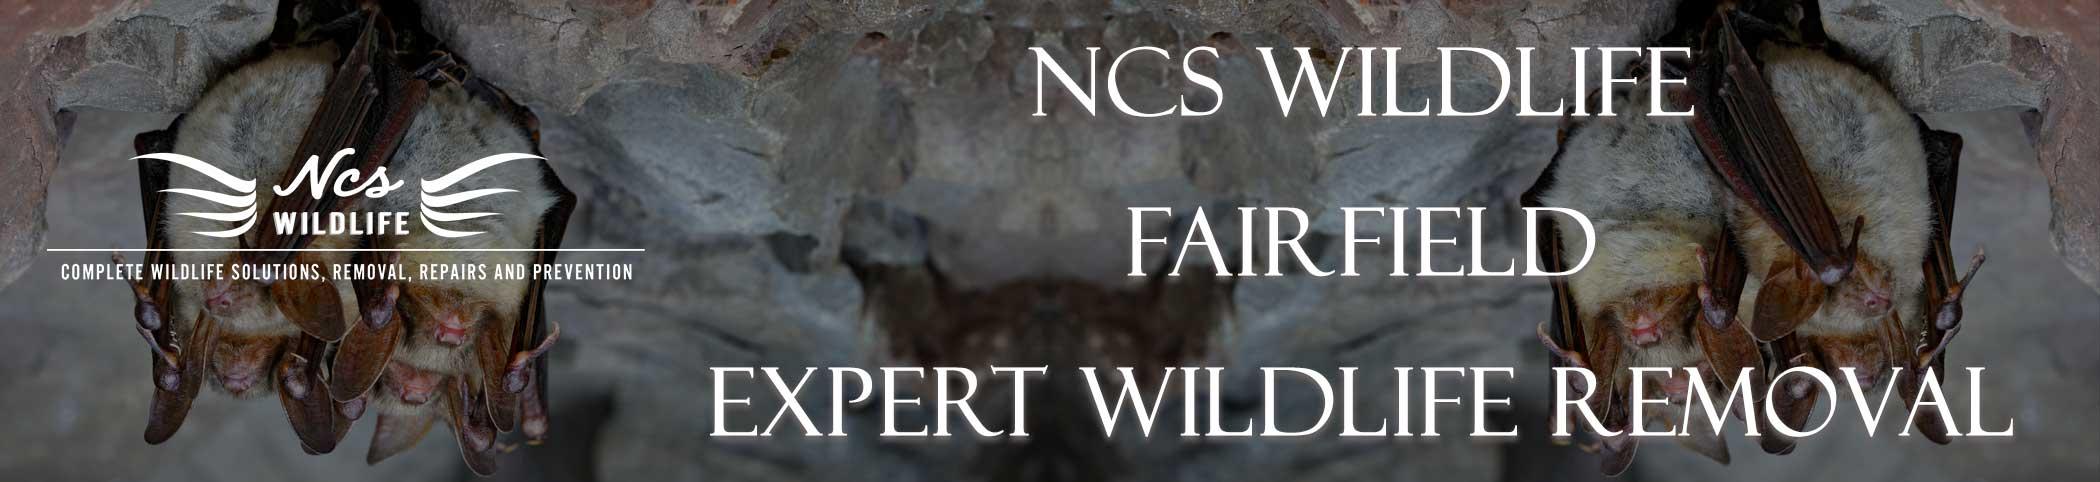 ncs-wildlife-fairfield